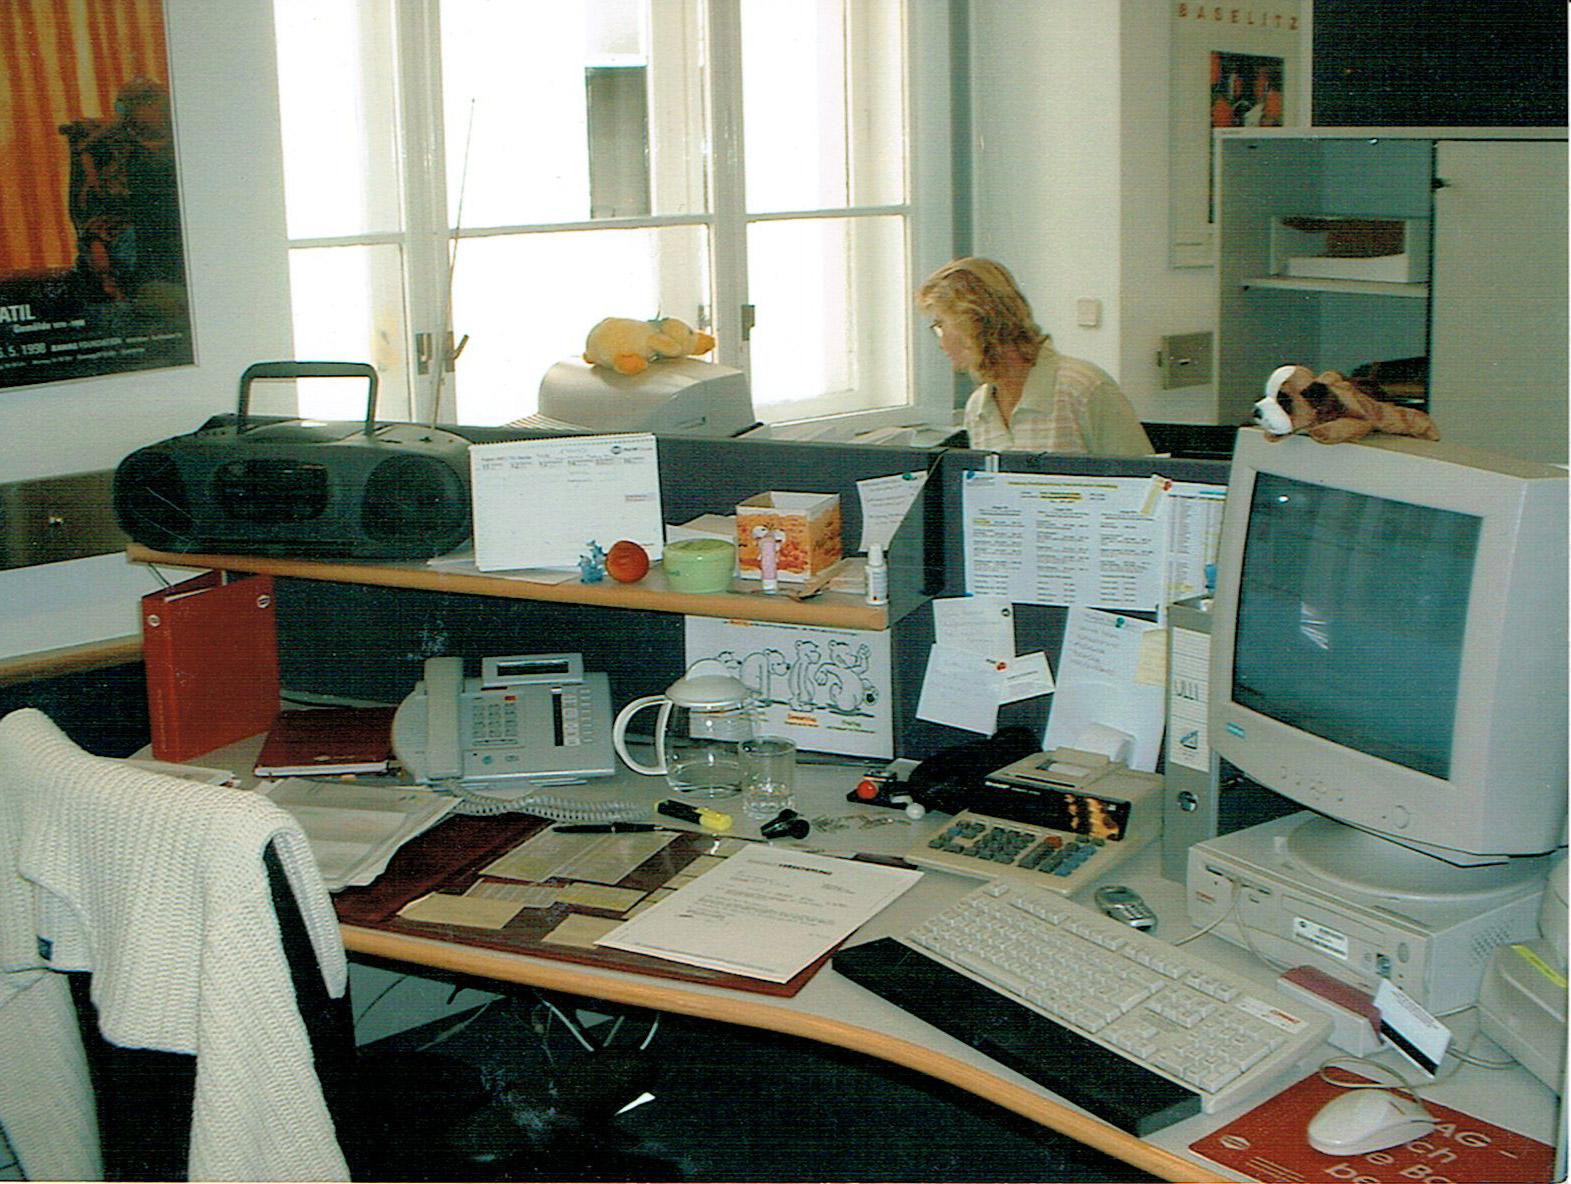 Mein erster Arbeitsplatz (2003) / My first desk at work (2003)